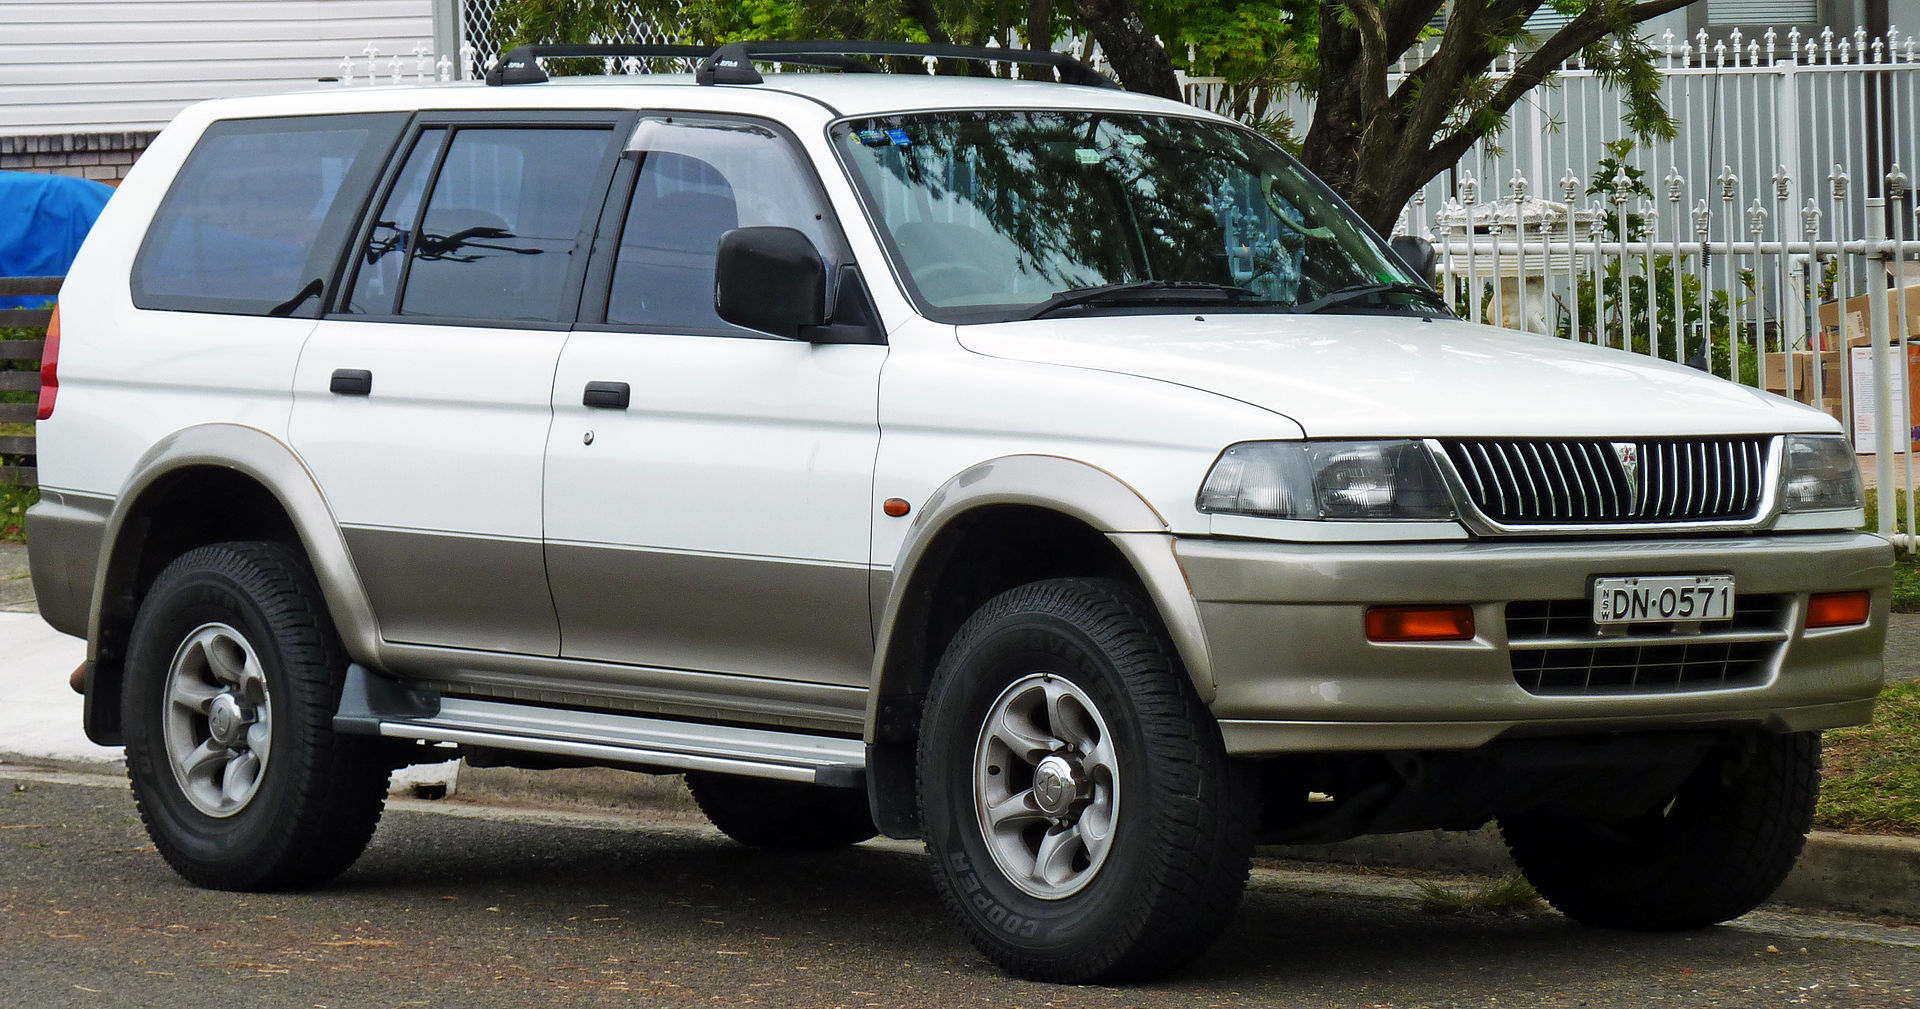 1998 Mitsubishi Montero Sport LS - 4dr SUV 3.0L V6 4x4 Manual